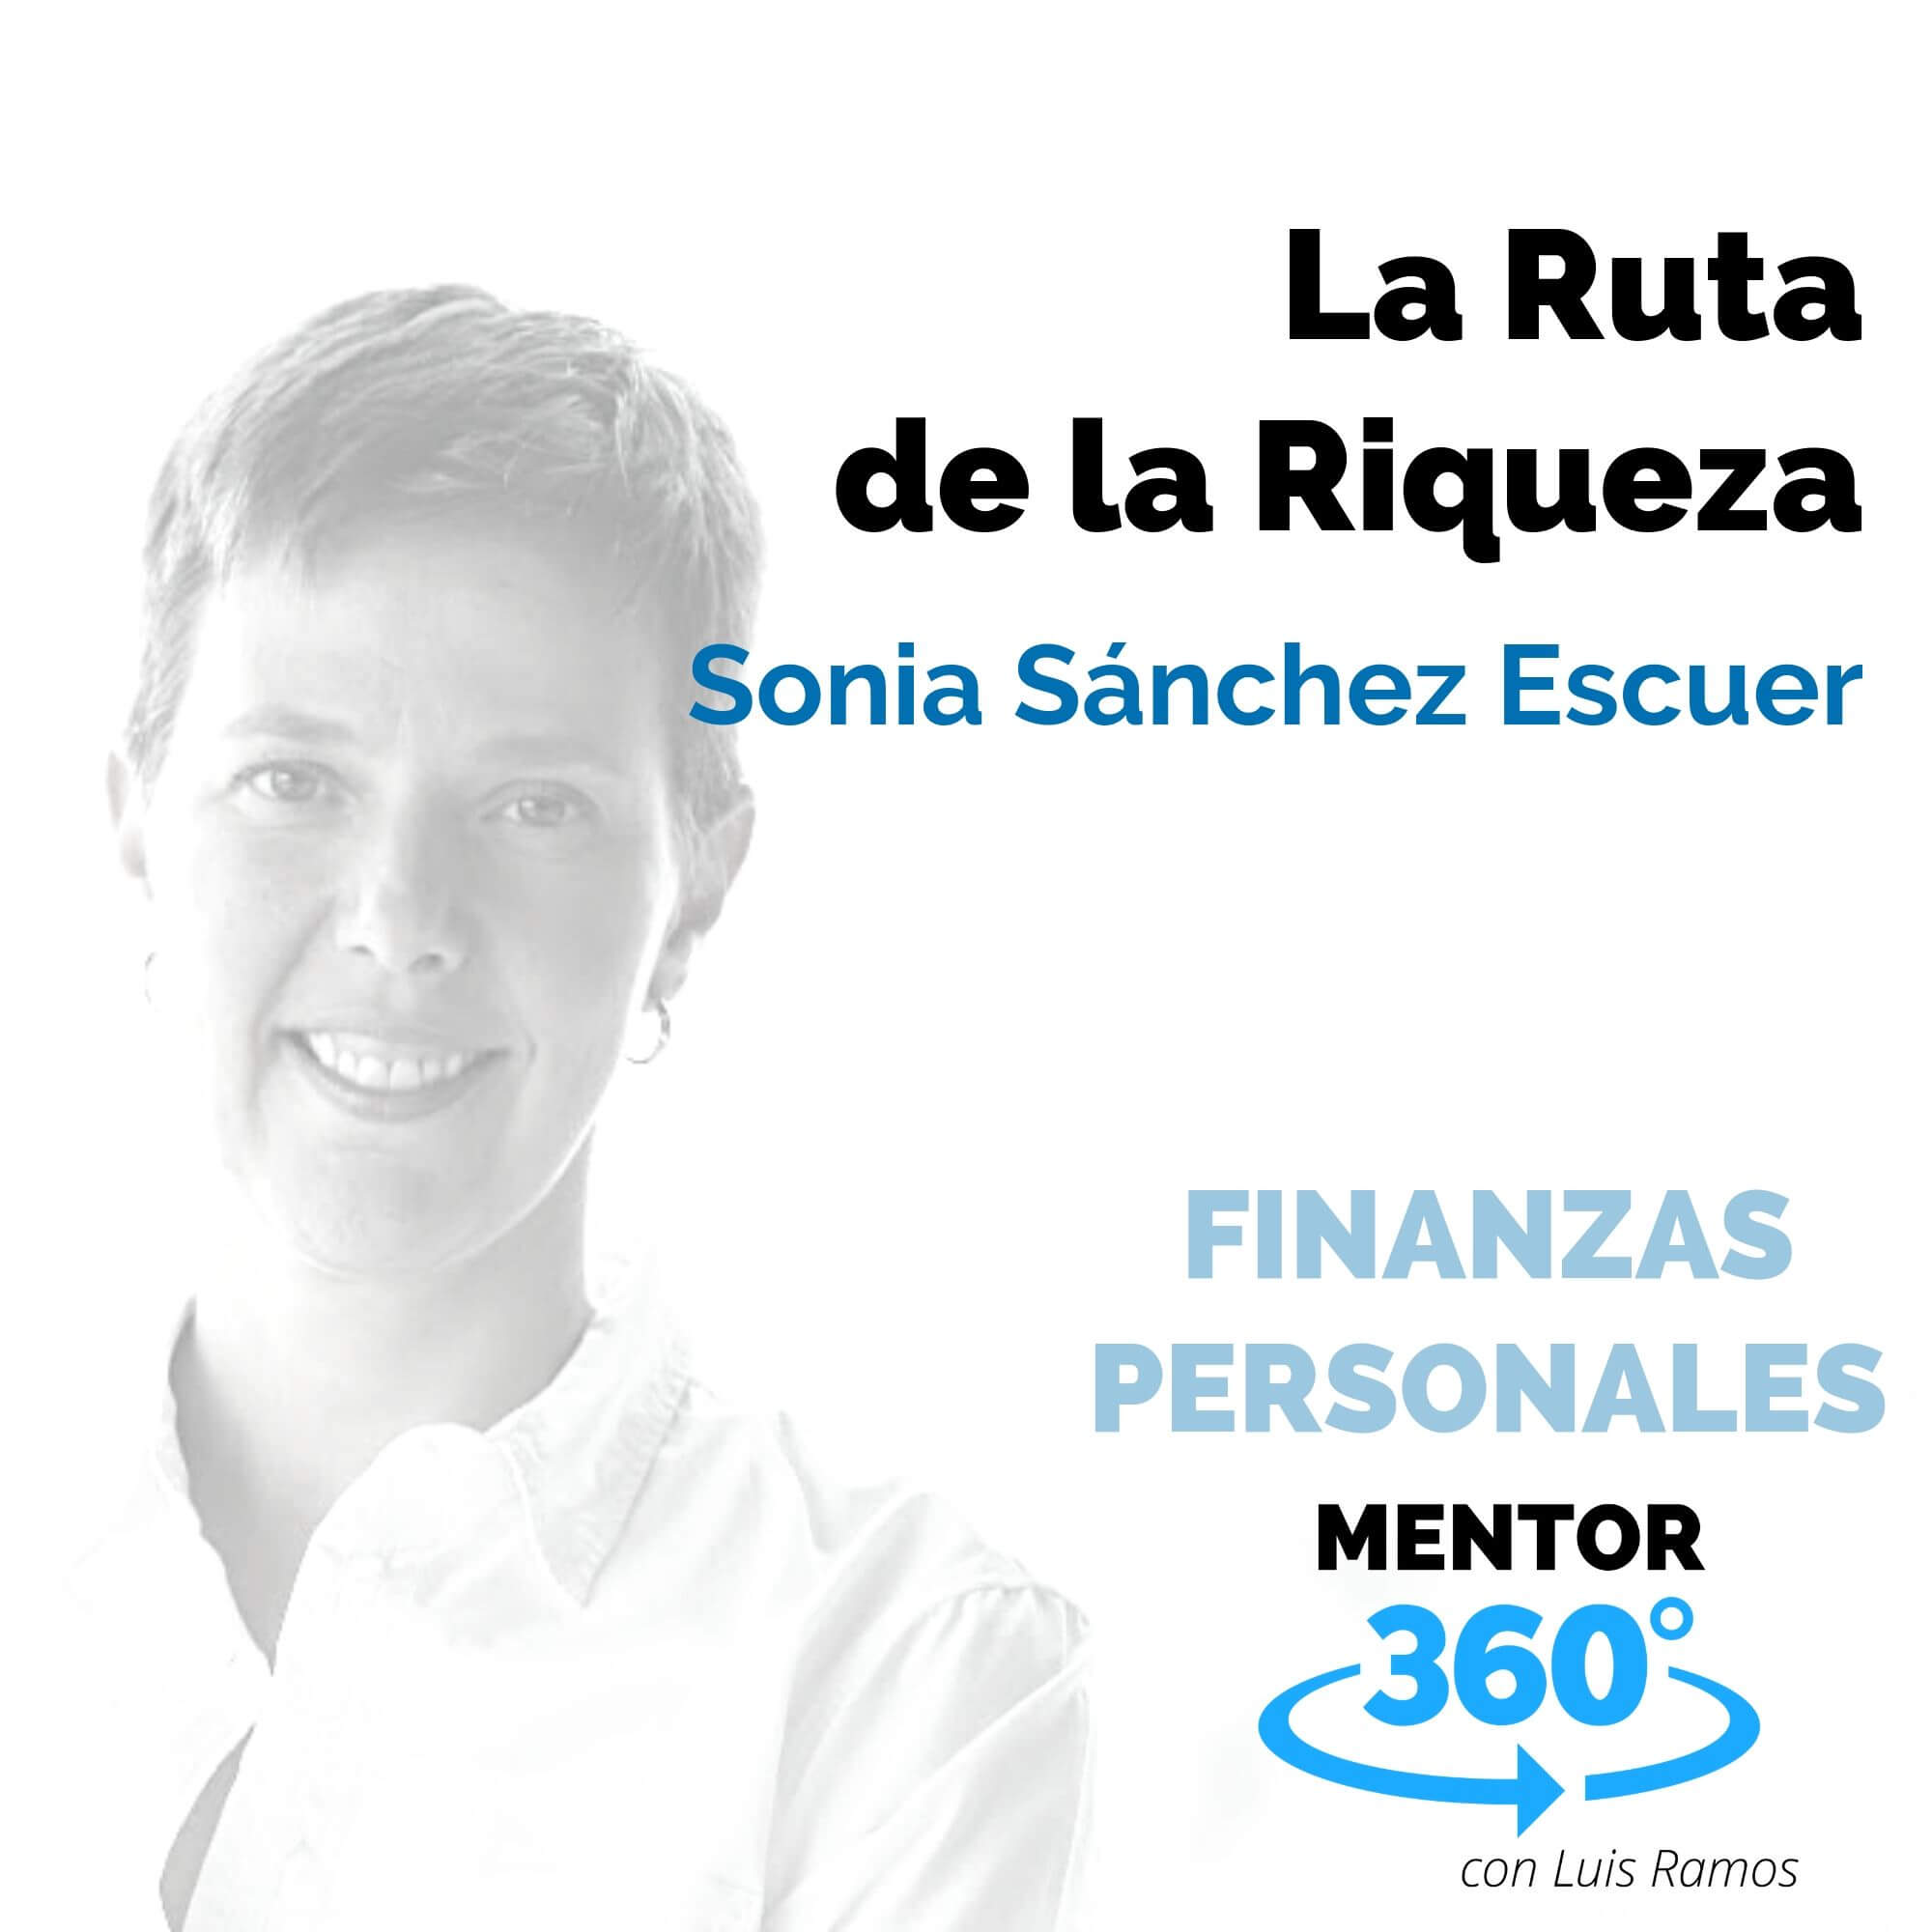 La Ruta de la Riqueza, con Sonia Sánchez Escuer - FINANZAS PERSONALES